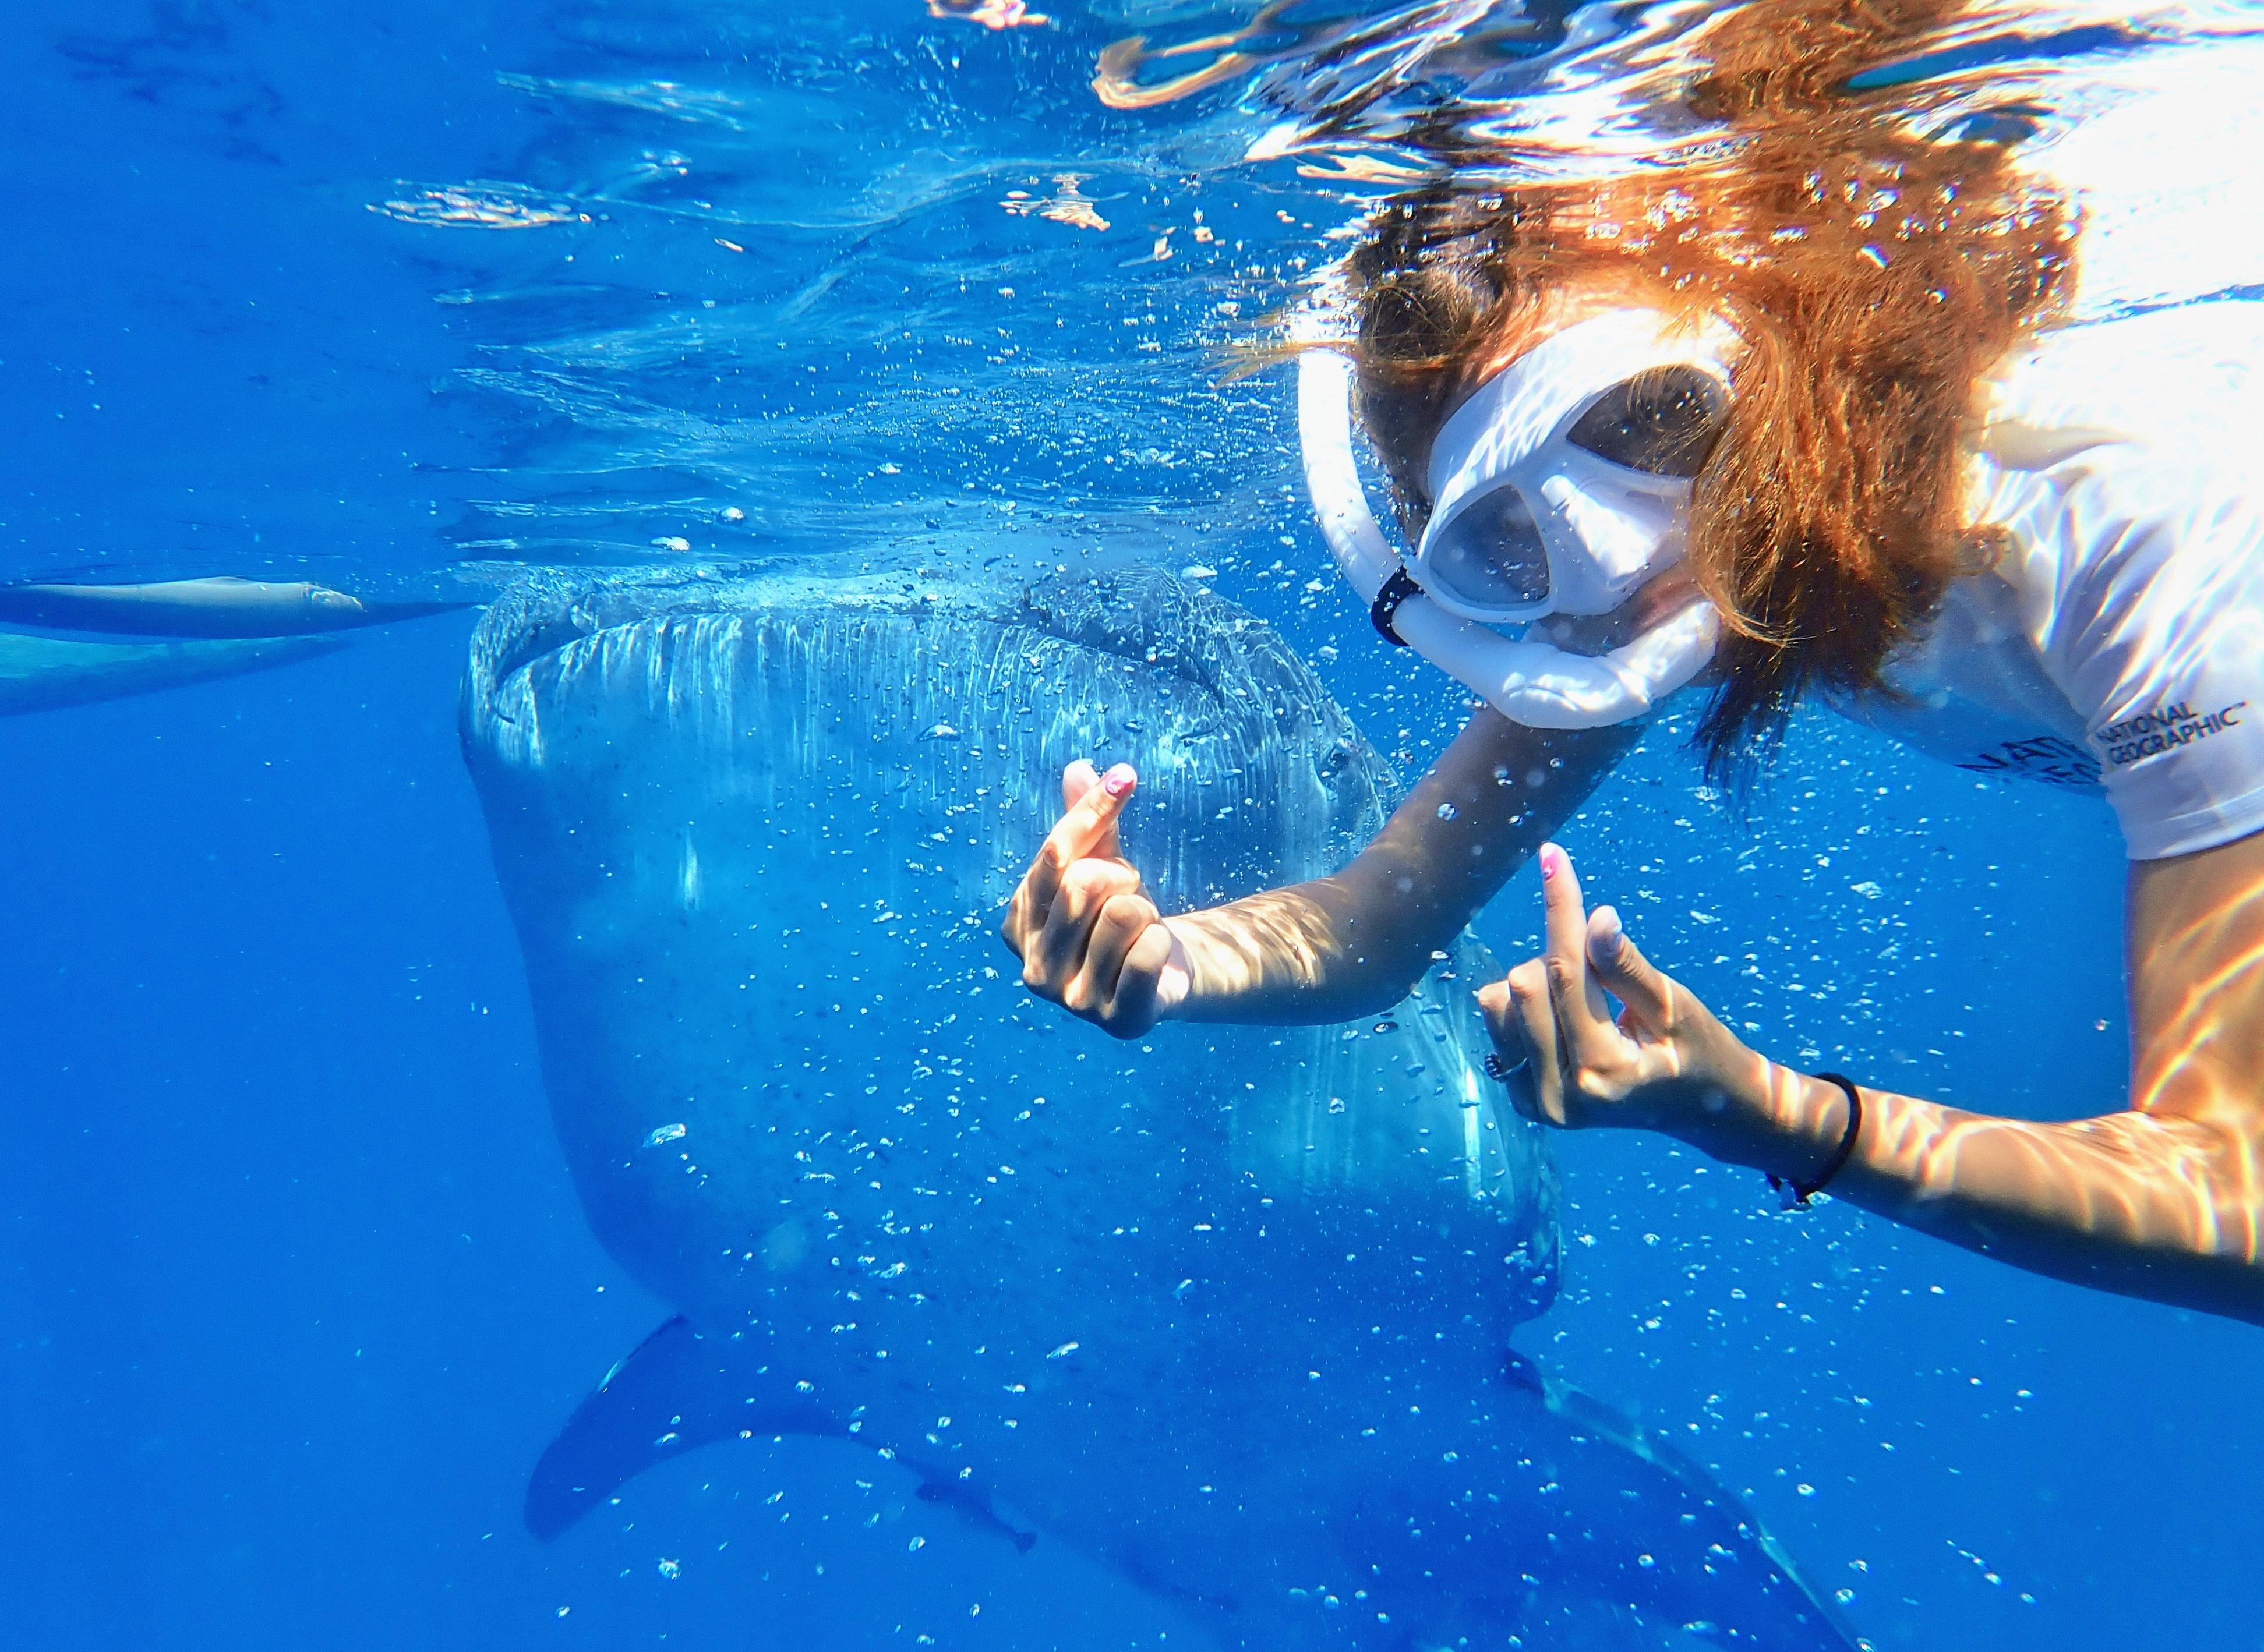 고래상어 앞에서 스노클링을 하며 찍은 사진